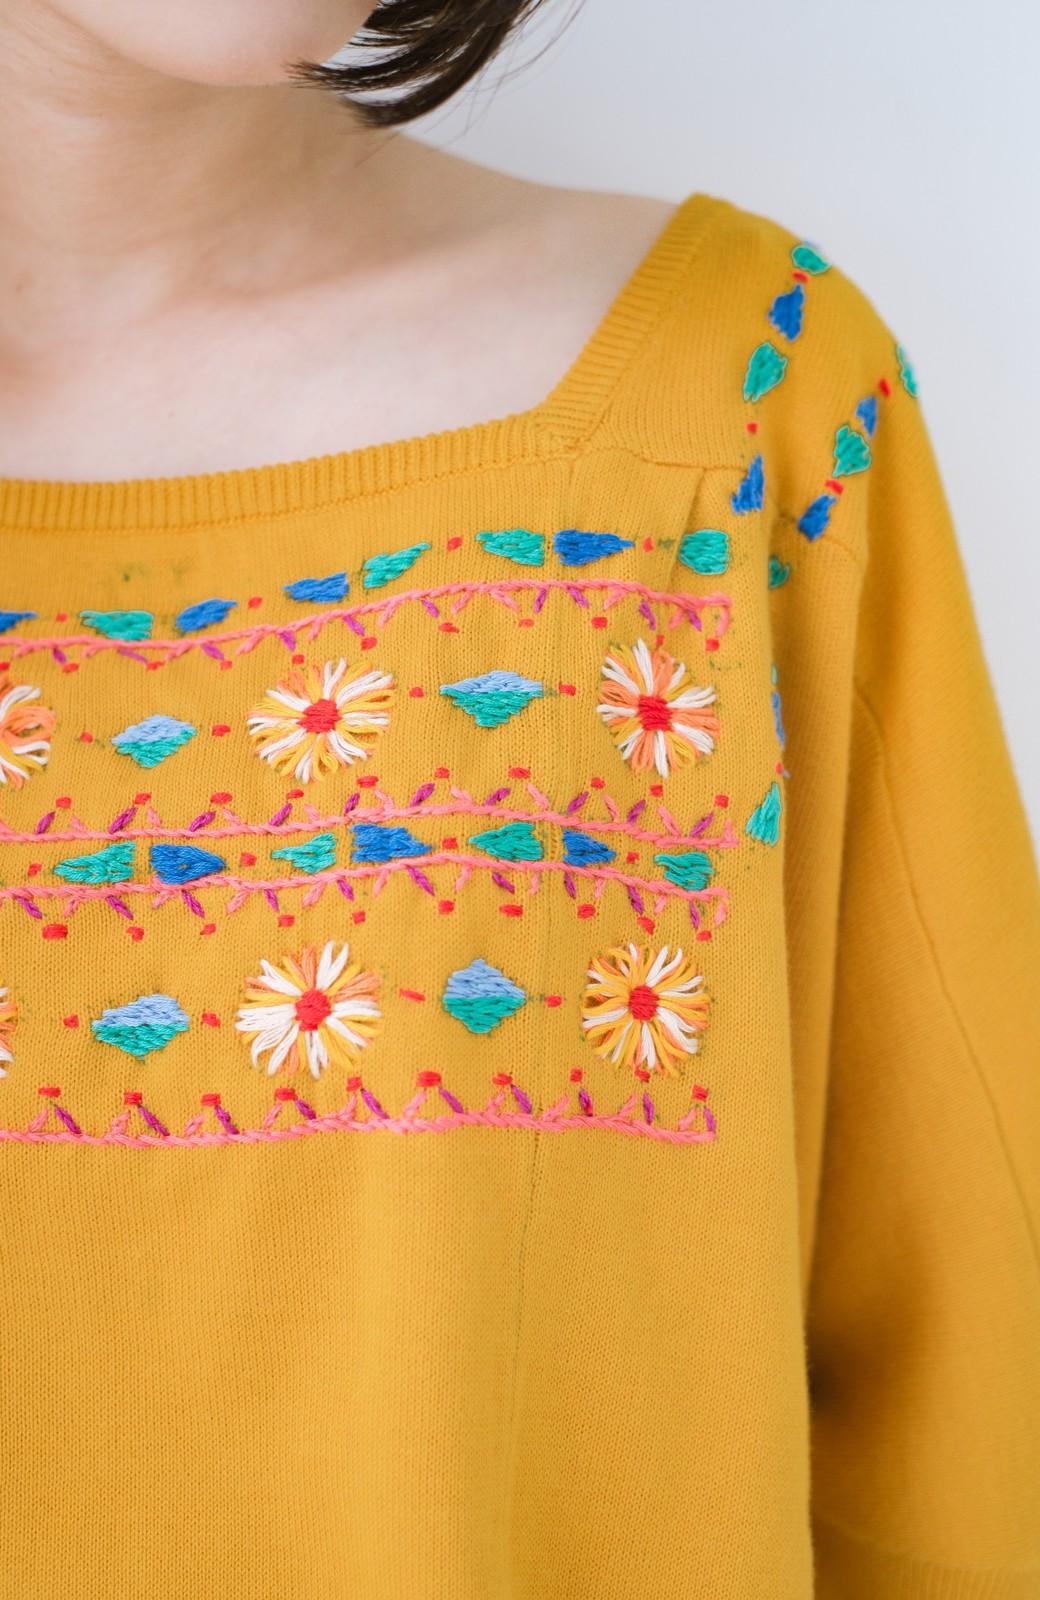 haco! Stitch by Stitch 首回りがきれいに見える色とりどりの刺繍のスクエアニット <イエロー>の商品写真2